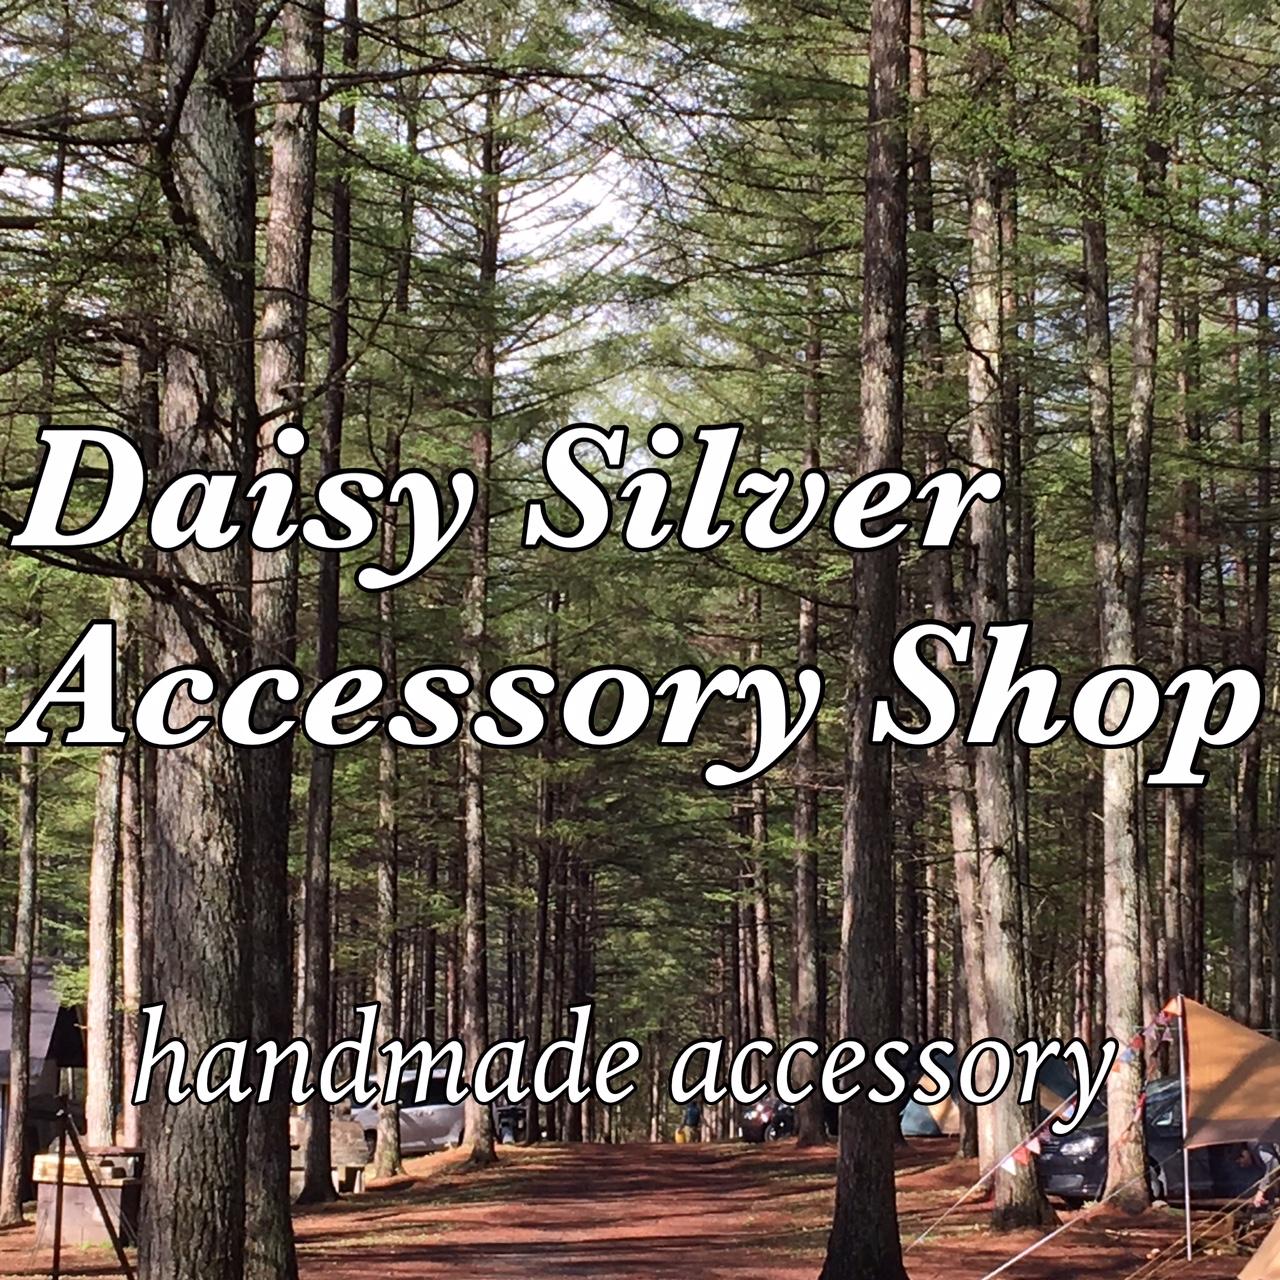 Daisy  Silver  Accessory Shop